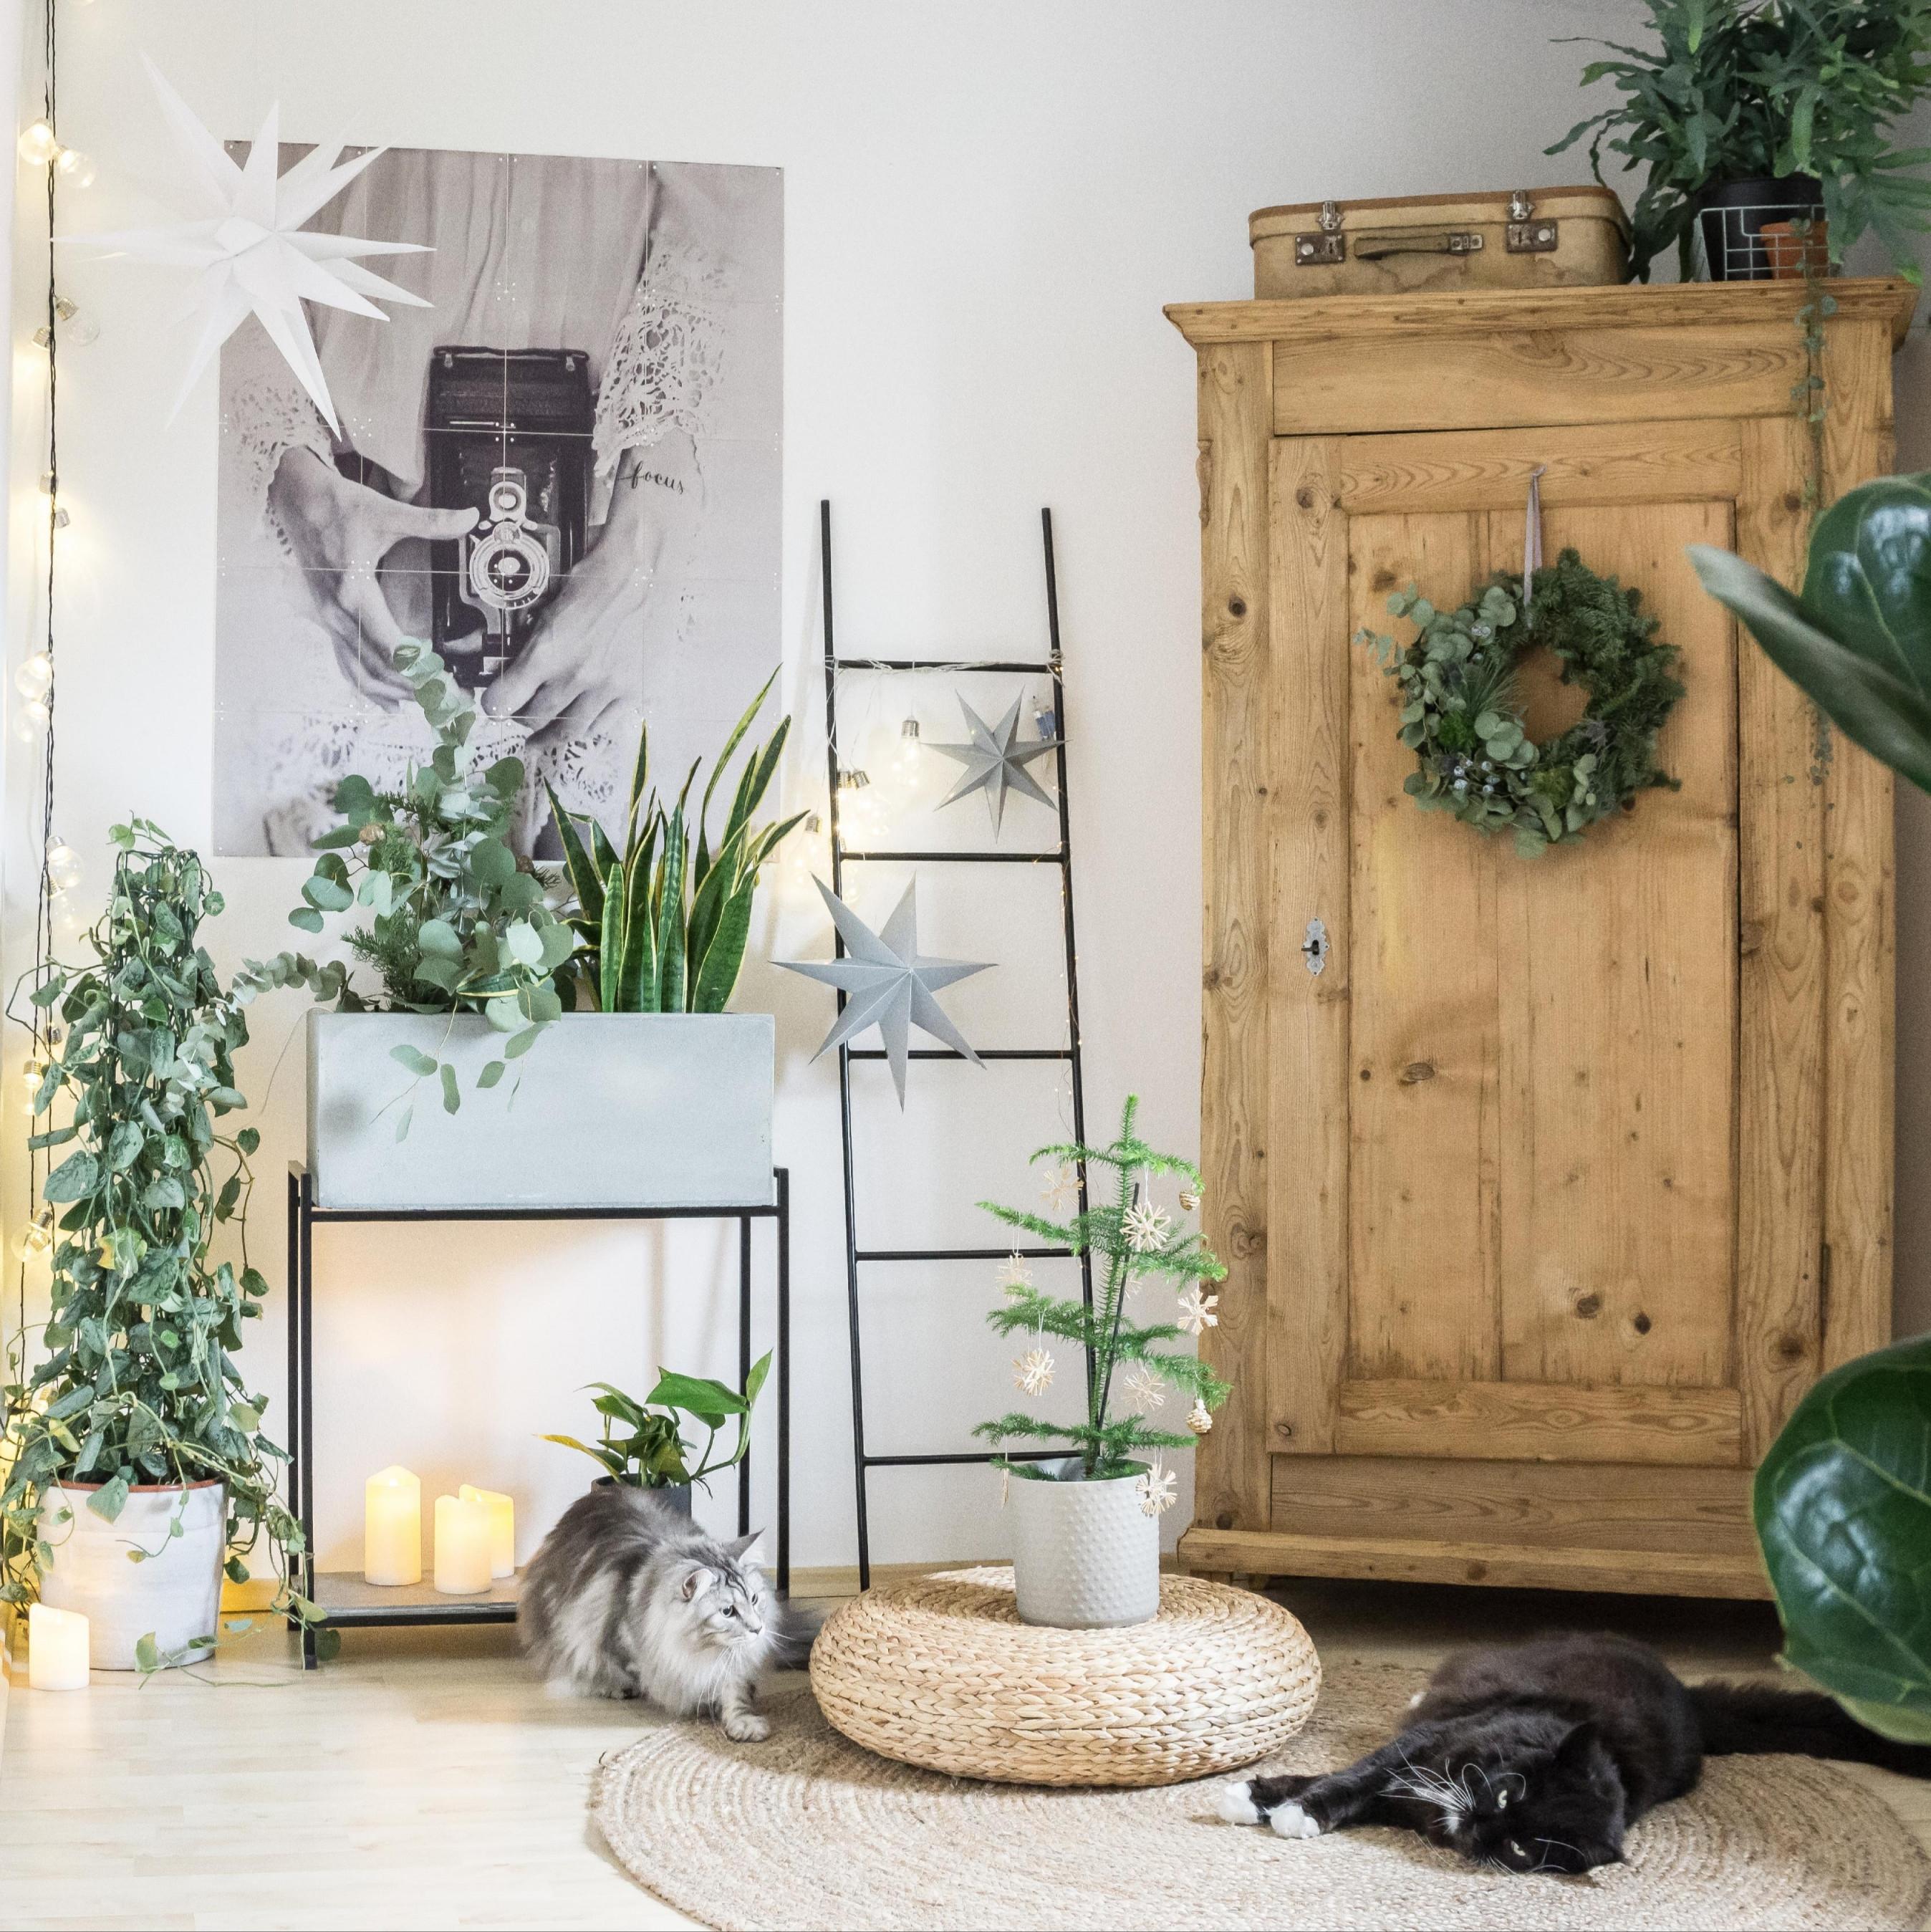 Deko Ideen Fur Das Wohnzimmer – Caseconrad von Deko Wohnzimmer Ecke Photo